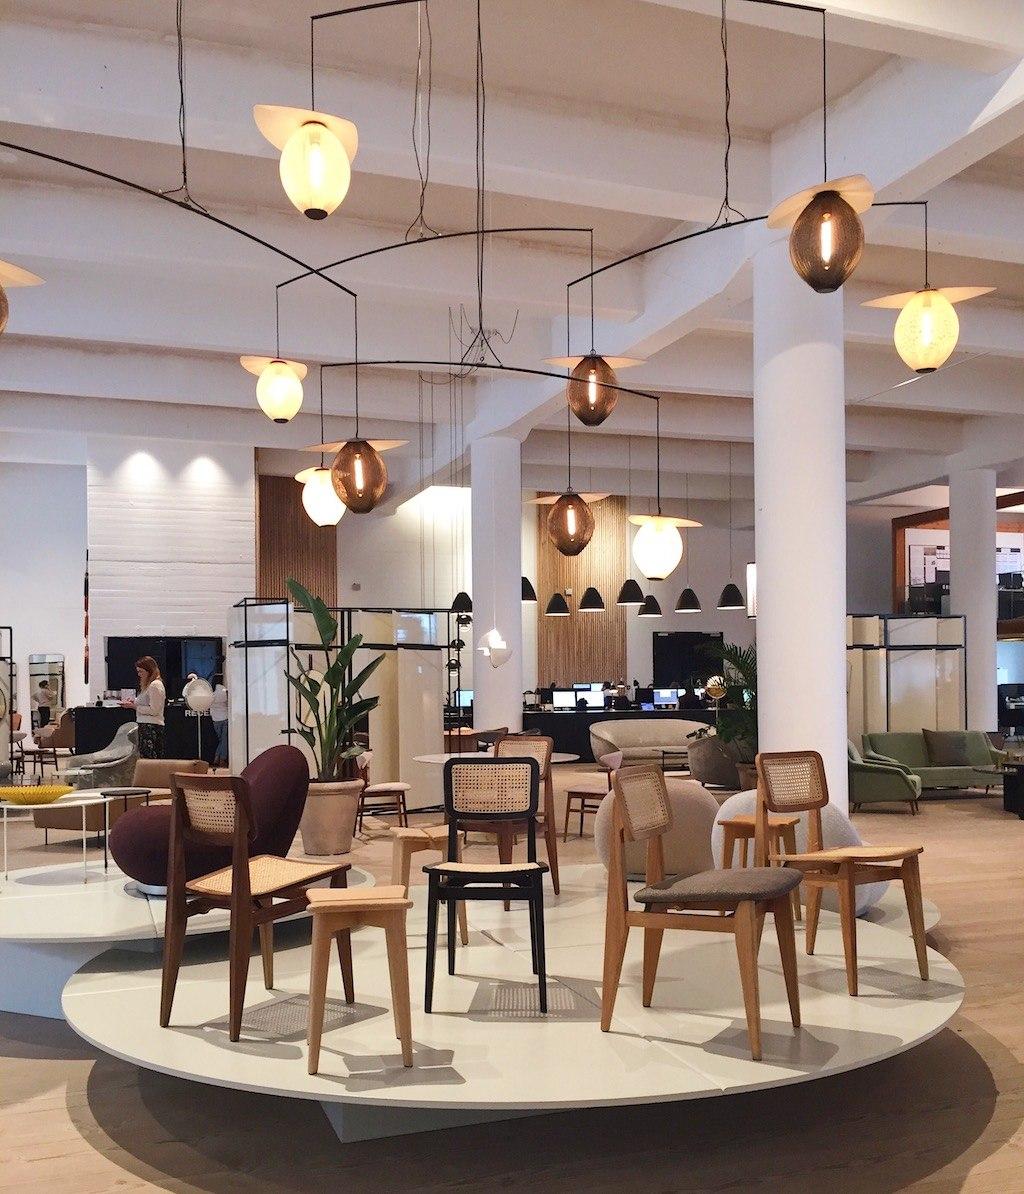 3 Days of Design 2019 in Kopenhagen - Gubi Showroom